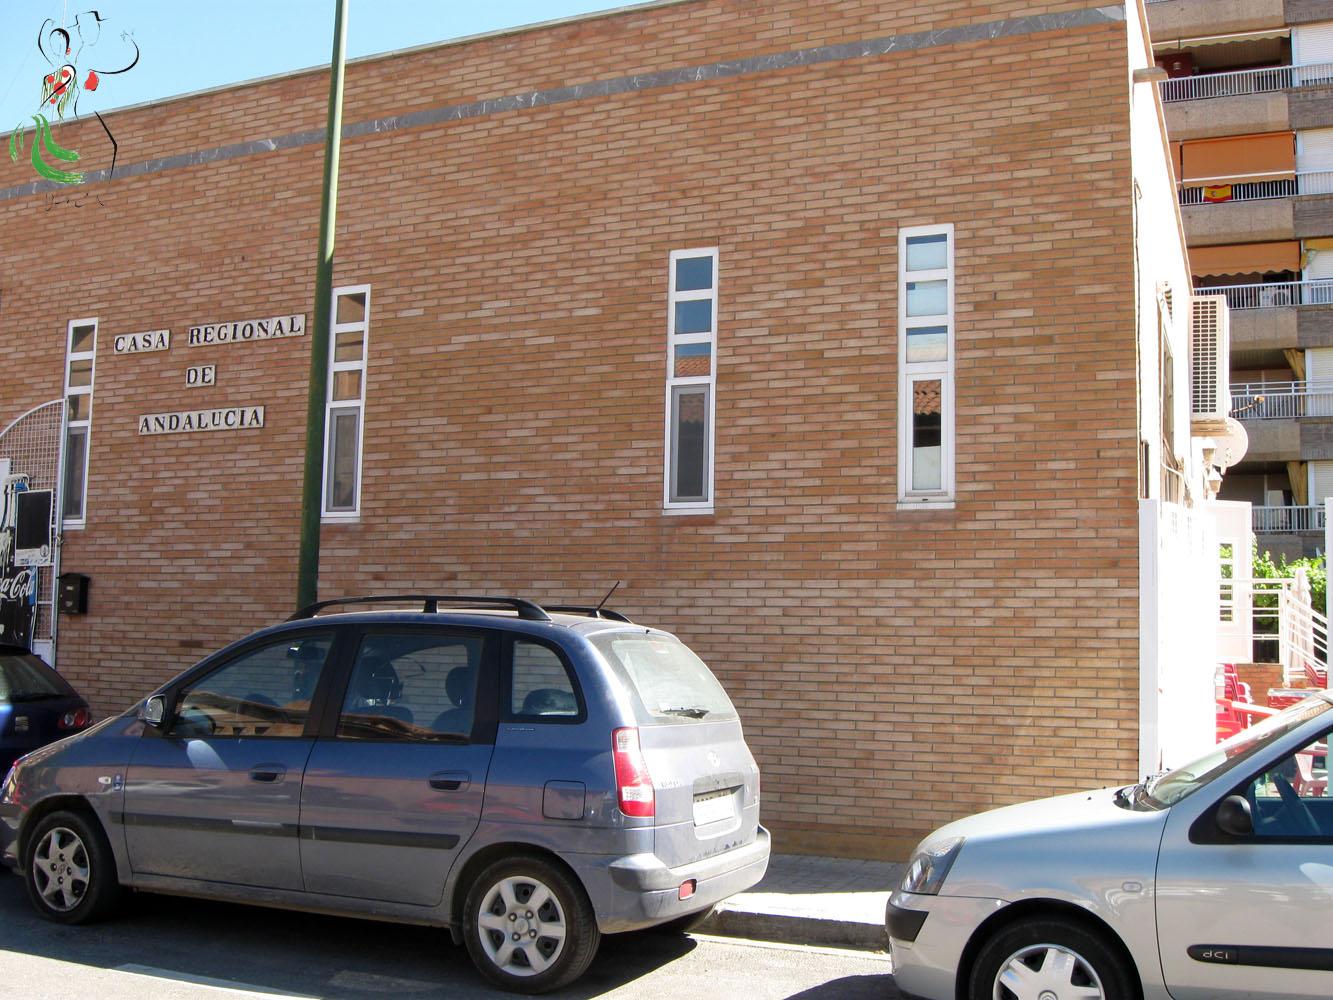 Casa andalucia huesca fachada entrada